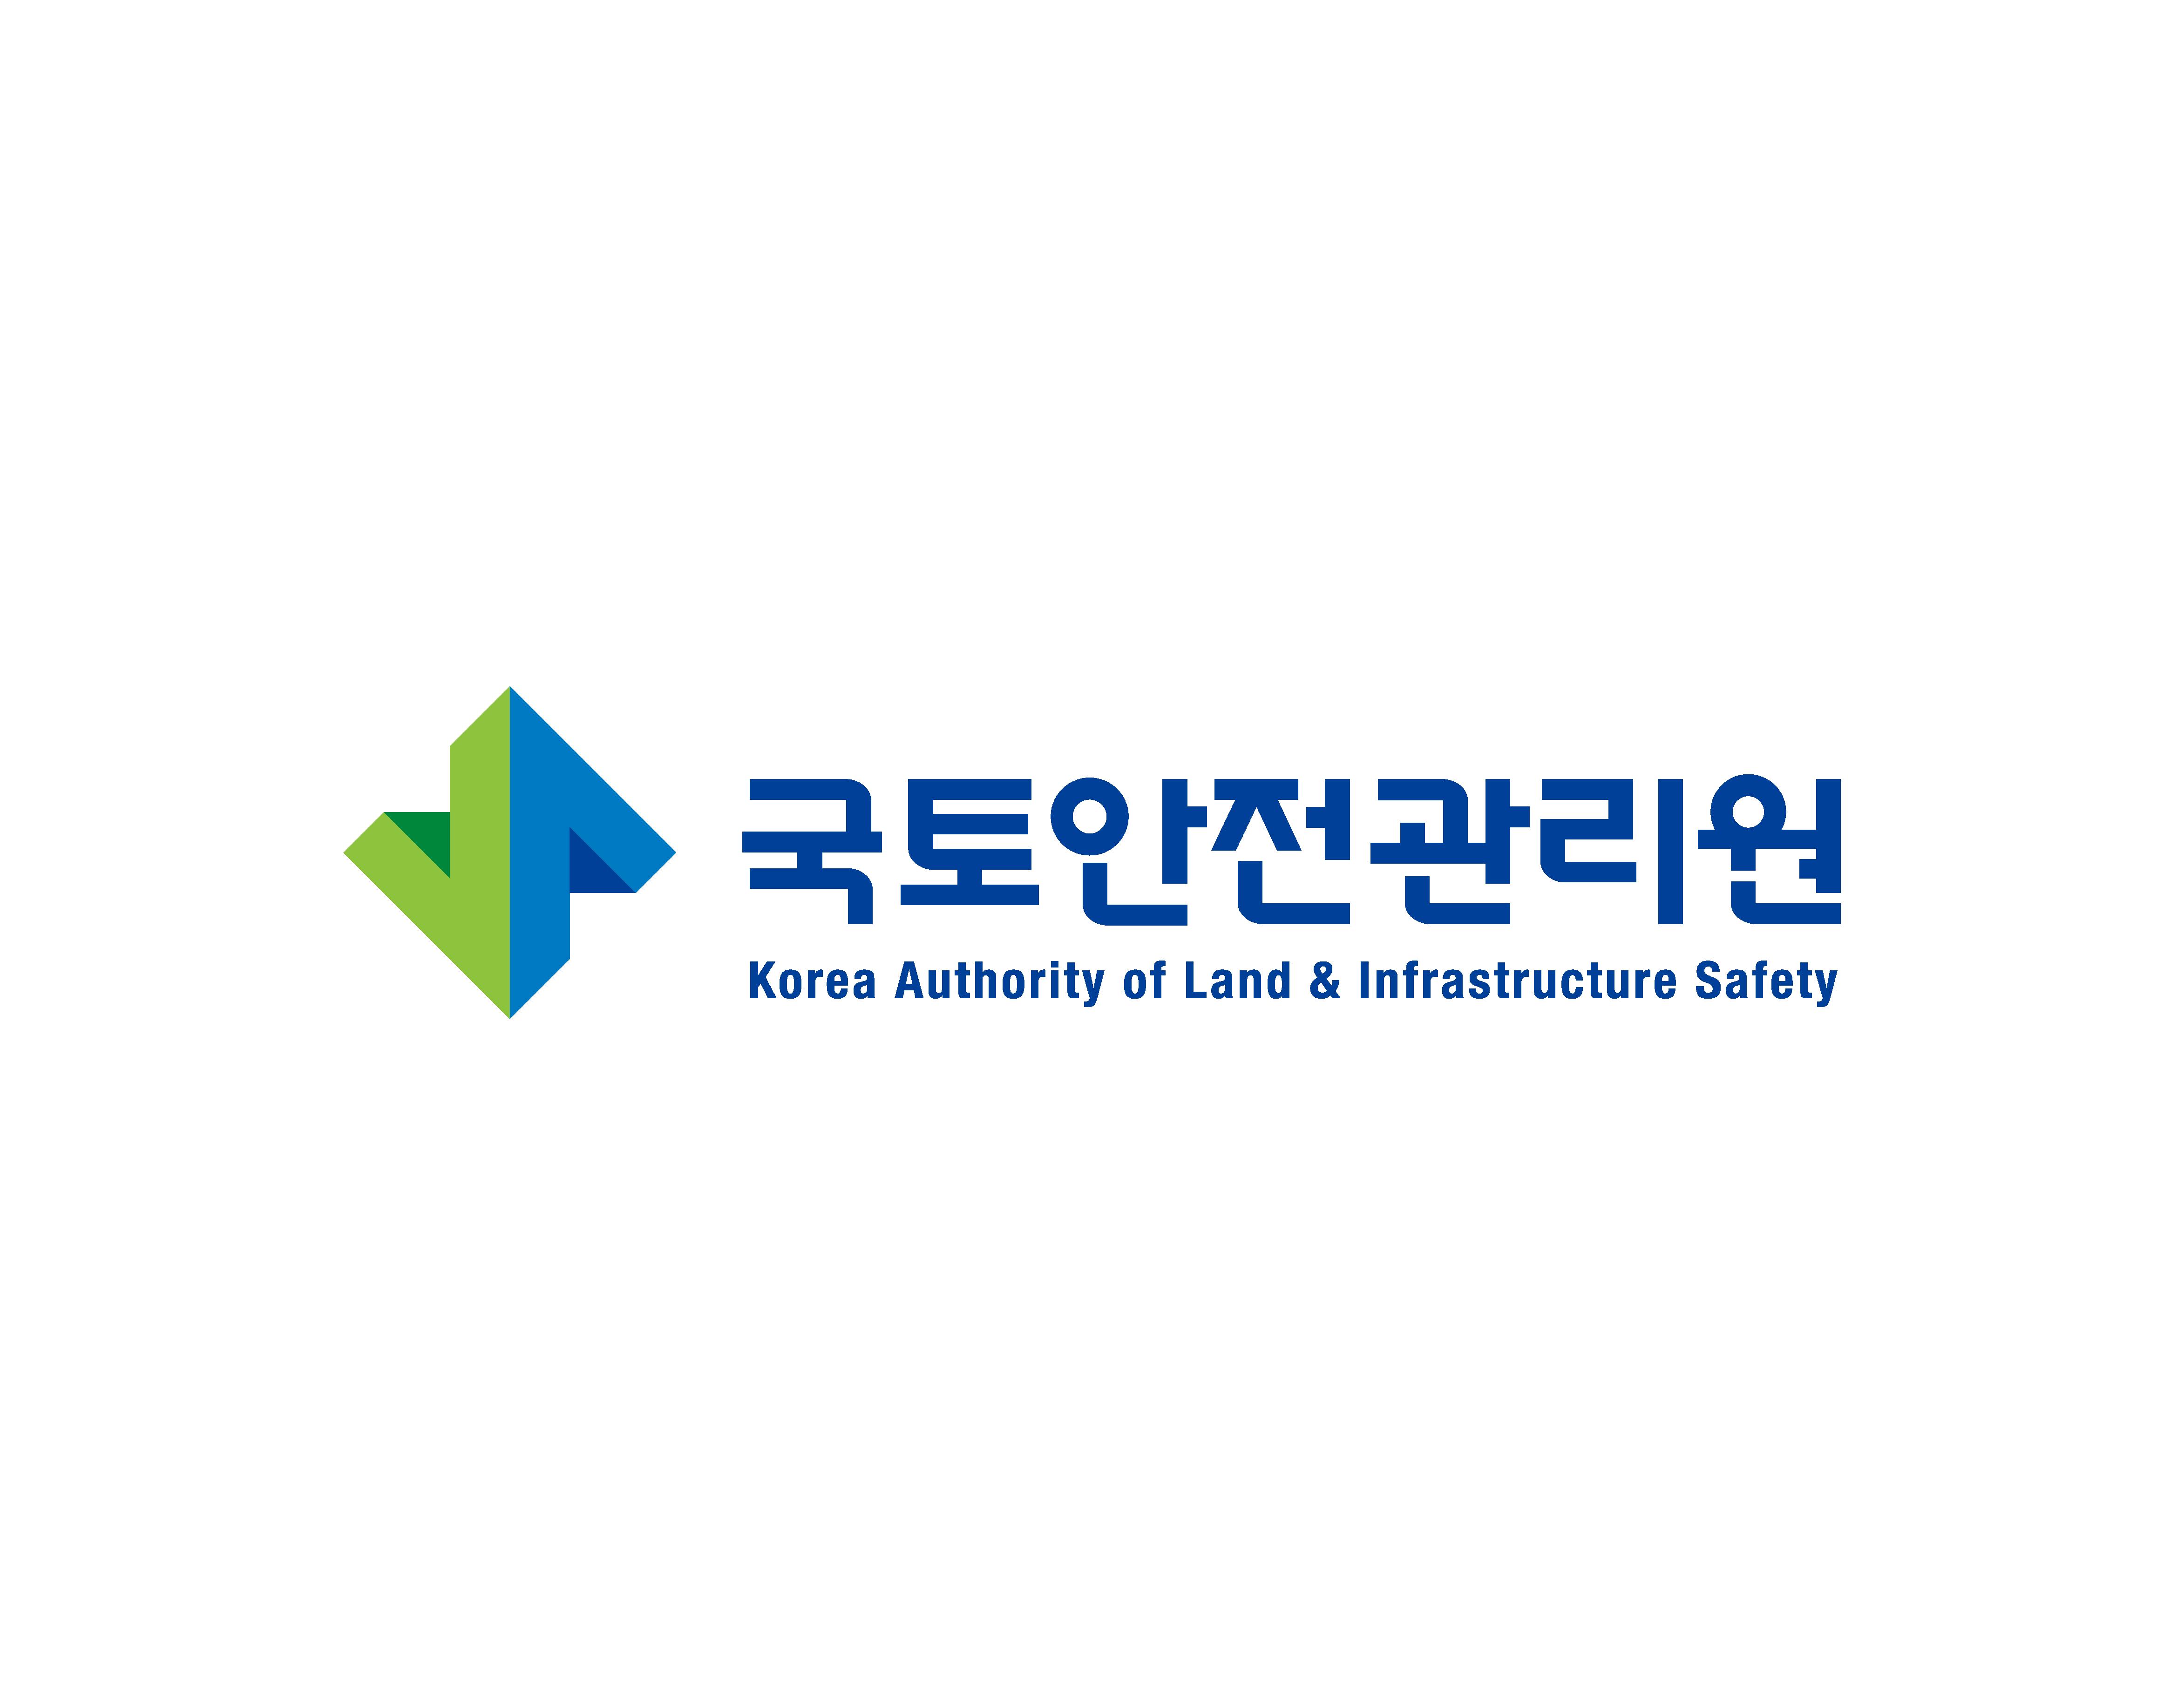 국토교통부의 계열사 국토안전관리원의 로고